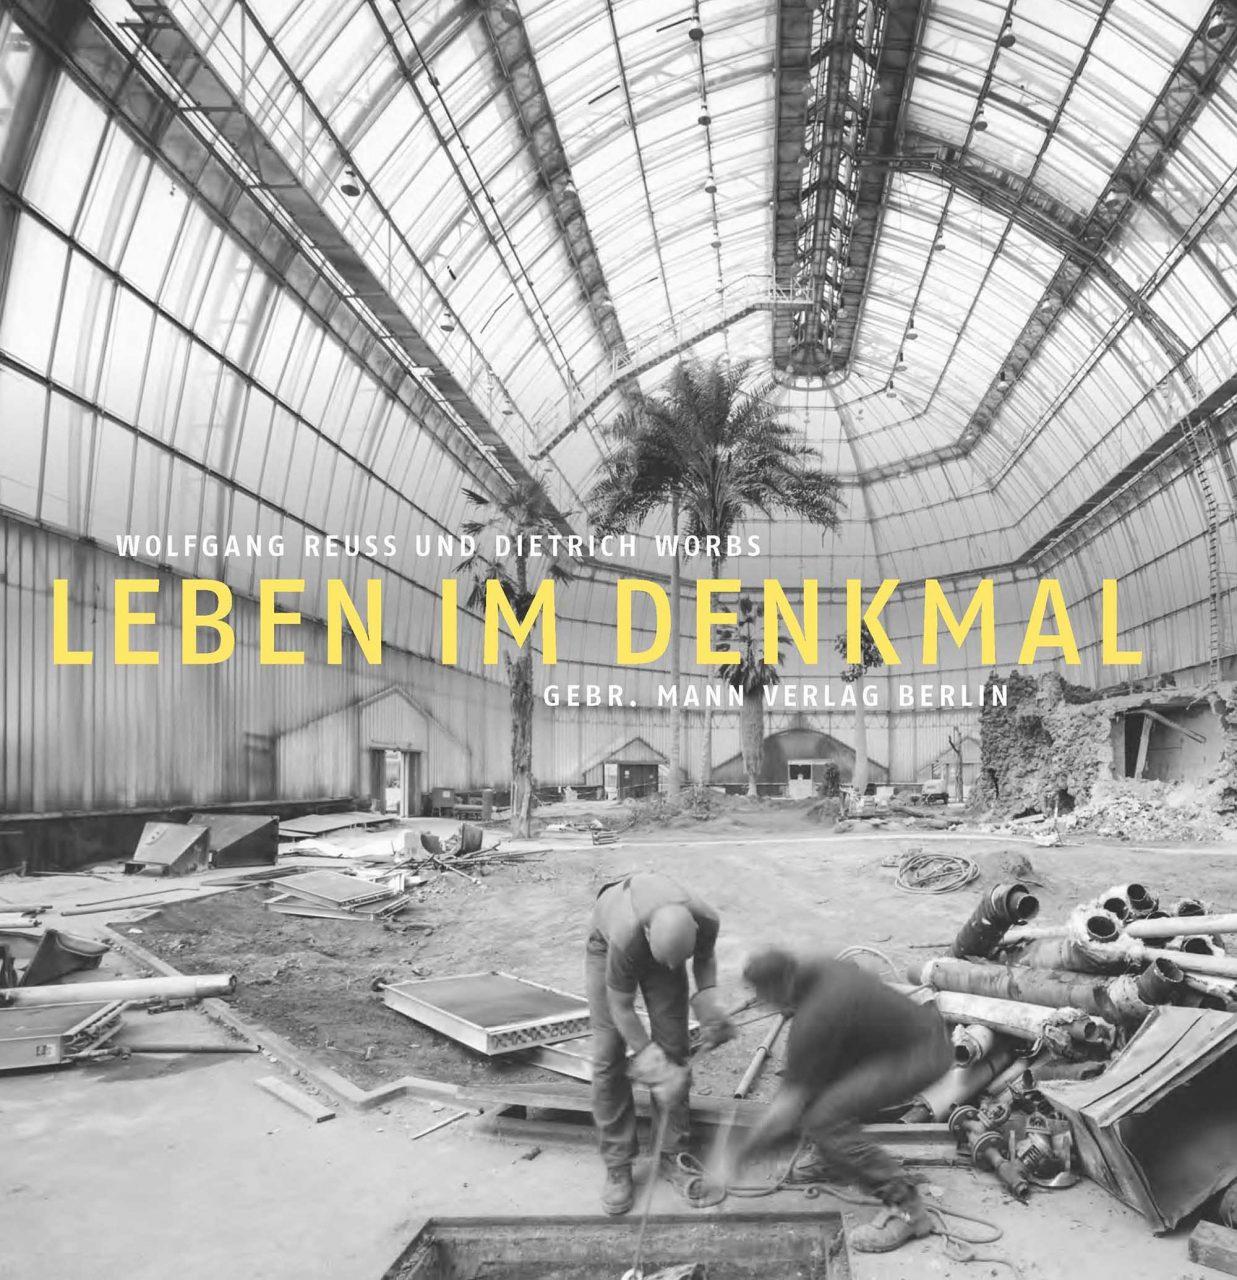 Leben im Denkmal.  von Wolfgang Reuss und Dietrich Worbs, erschienen bei Gebr. Mann Verlag Berlin